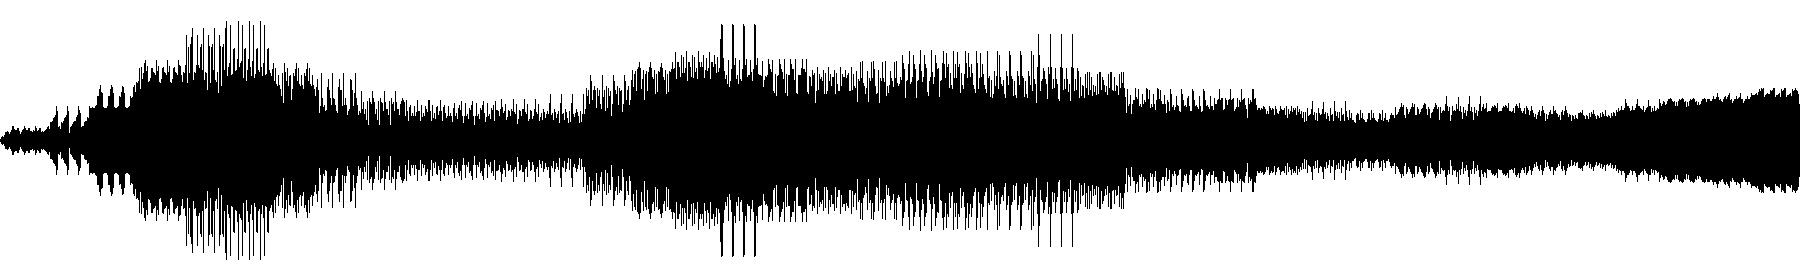 8 bit noise 2